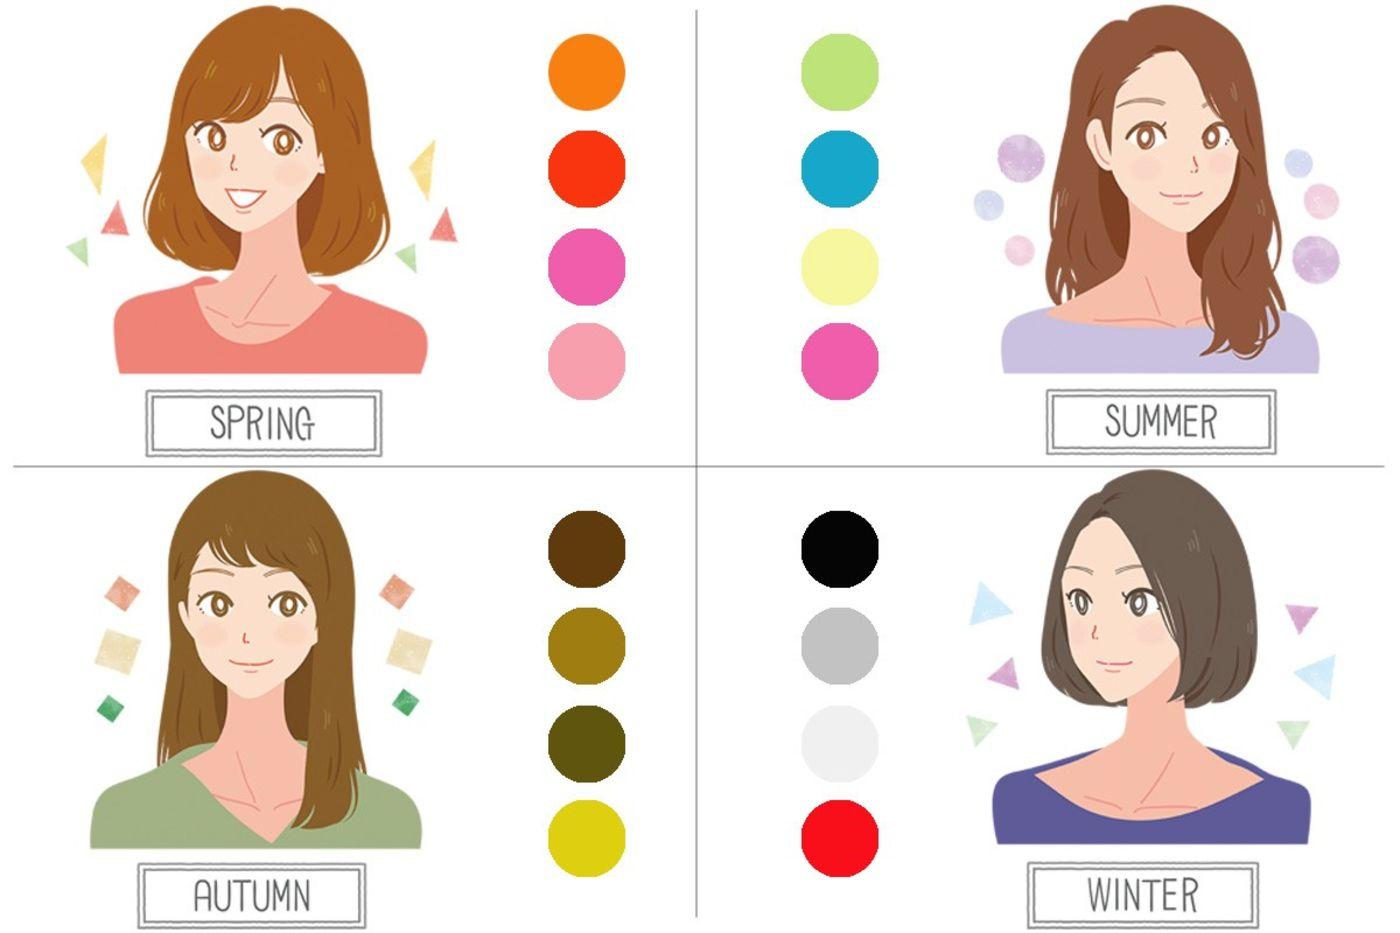 自分に似合う色とは・・・